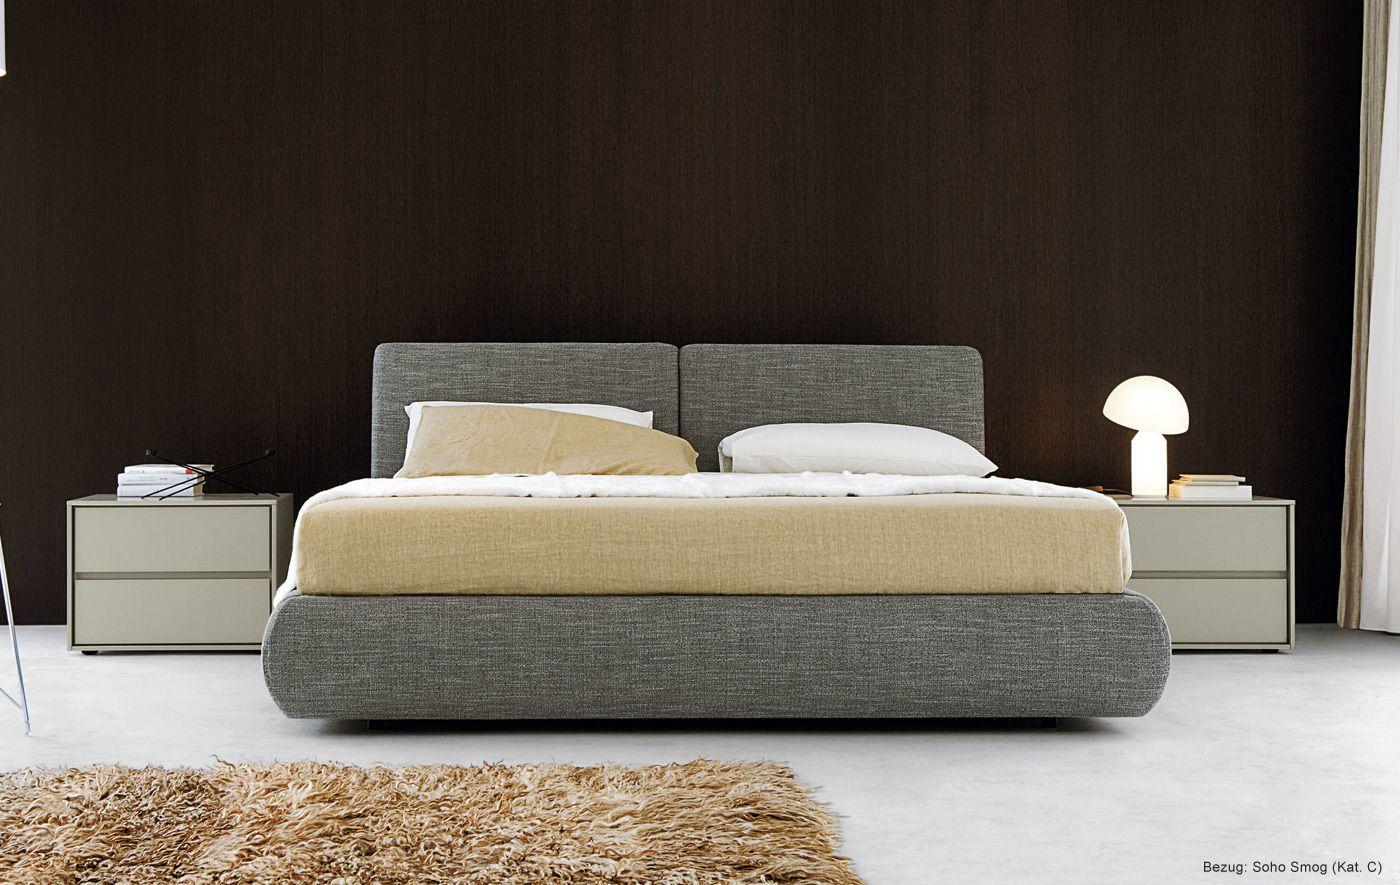 Fesselnd Polsterbett Bambò Stoff   Möbel / Schlafzimmermöbel / Betten   Das Bambò Designer  Polsterbett Aus Italien Wir Auf Anfrage Für Gefertigt. Sowohl Du2026